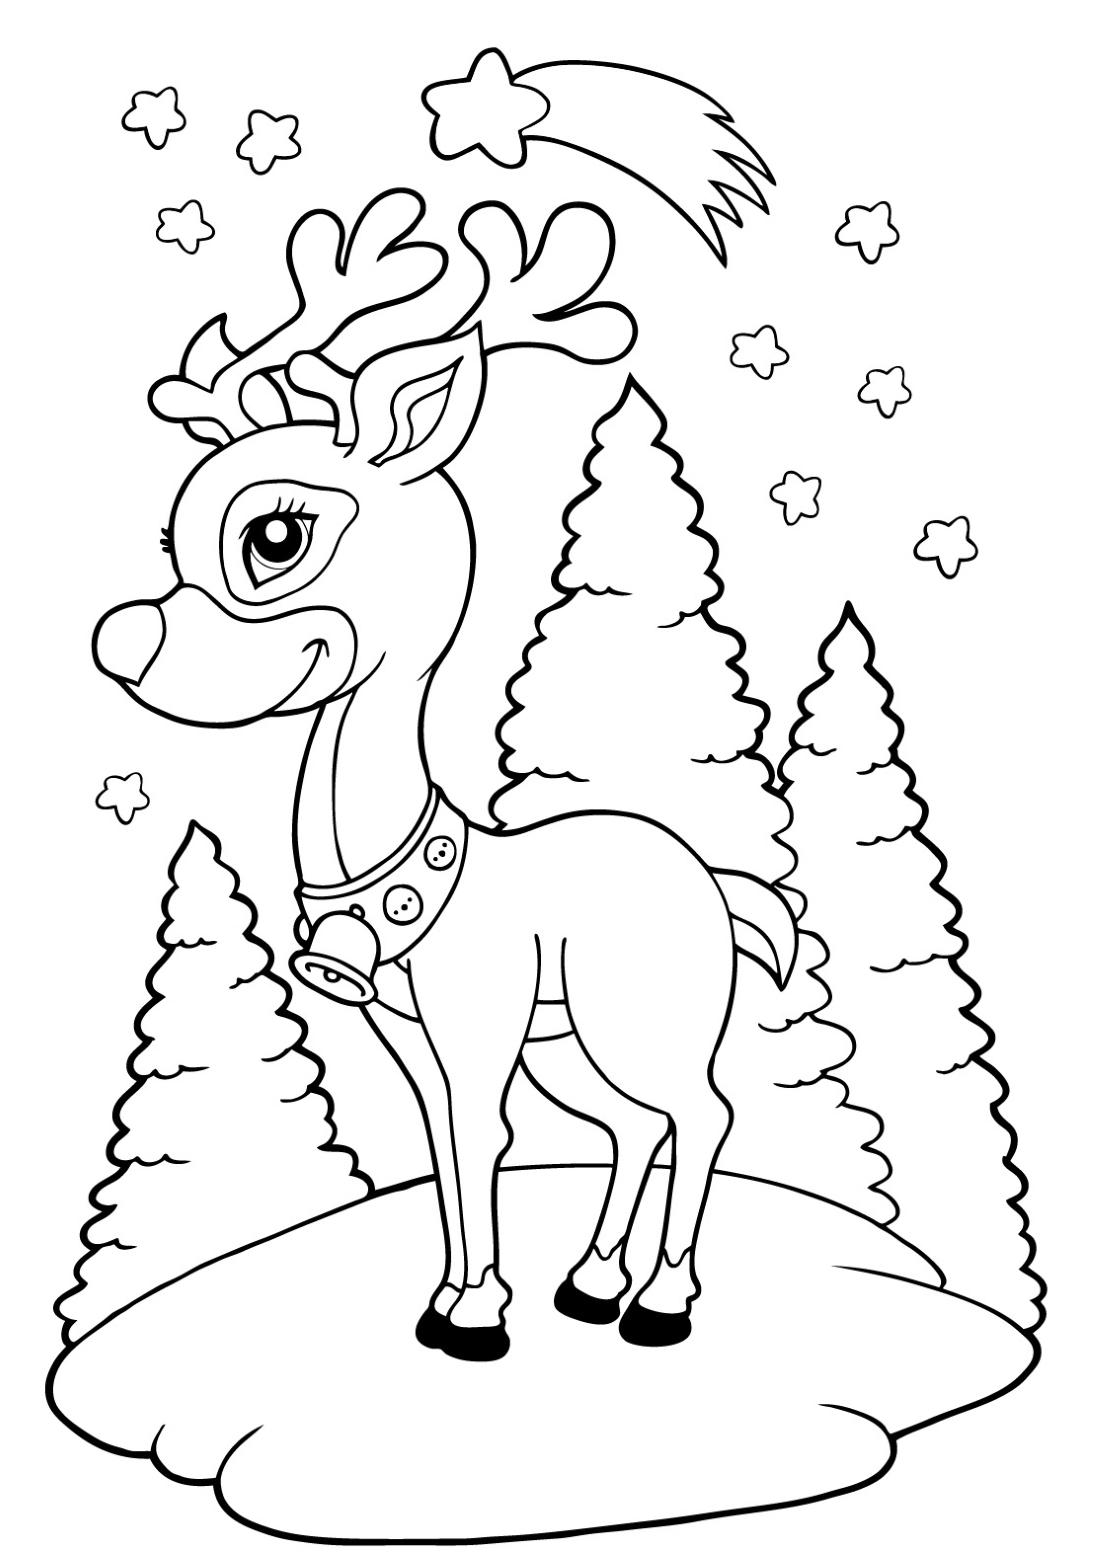 Новогодний олень - раскраска №2071 | Printonic.ru